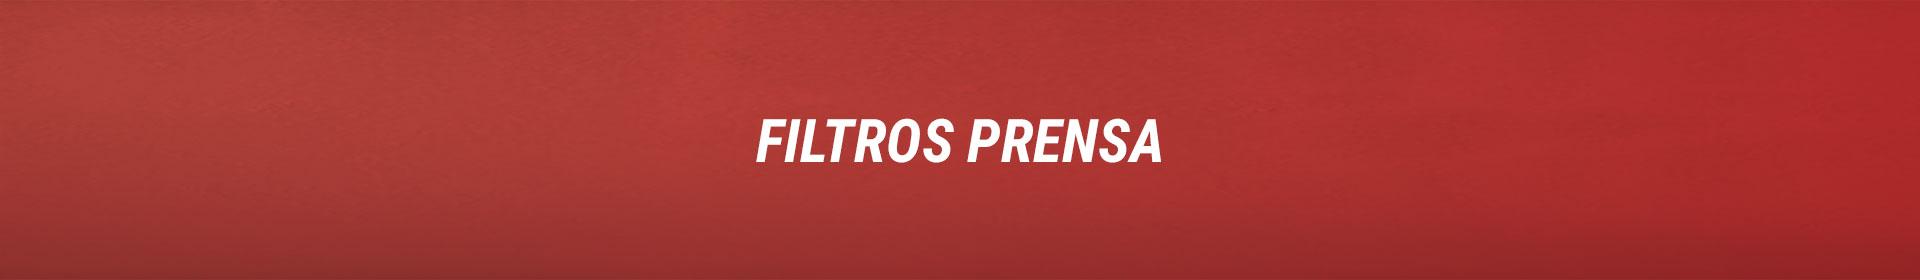 Mega-Equipamentos-Banner-Filtros-prensa